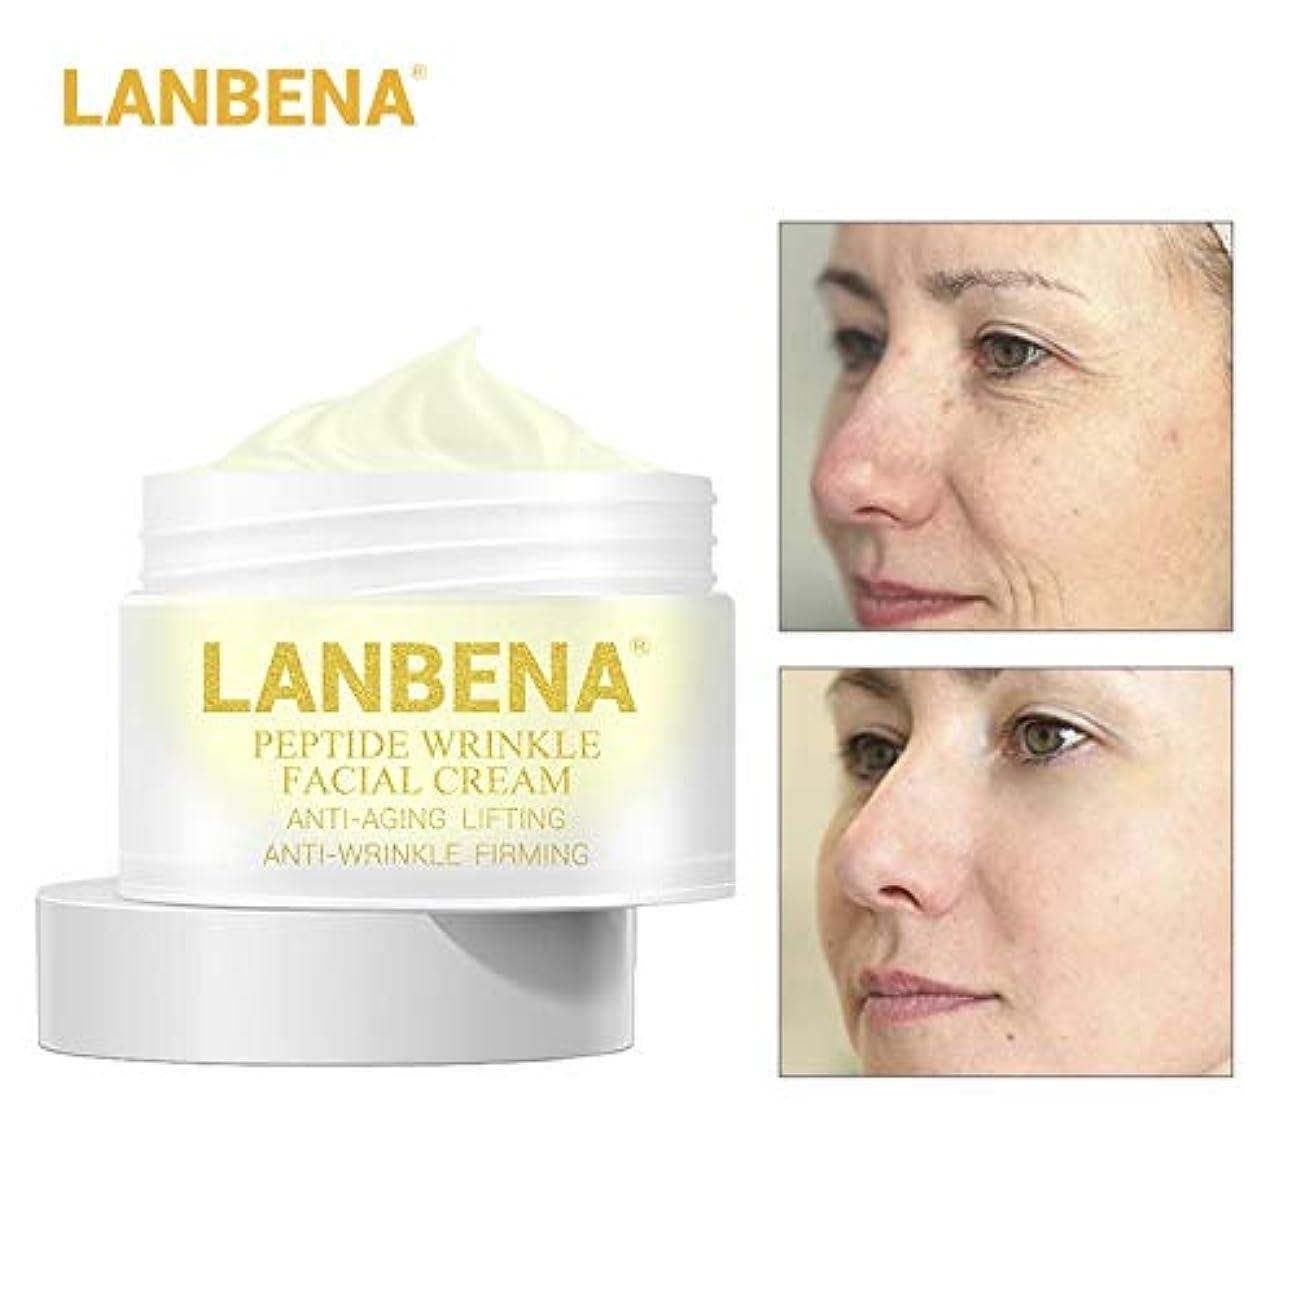 フェイスクリームケア鼻唇溝ディープ水分補給フェイシャルクリームを-firming LANBENAブランドペプチドアンチしわ